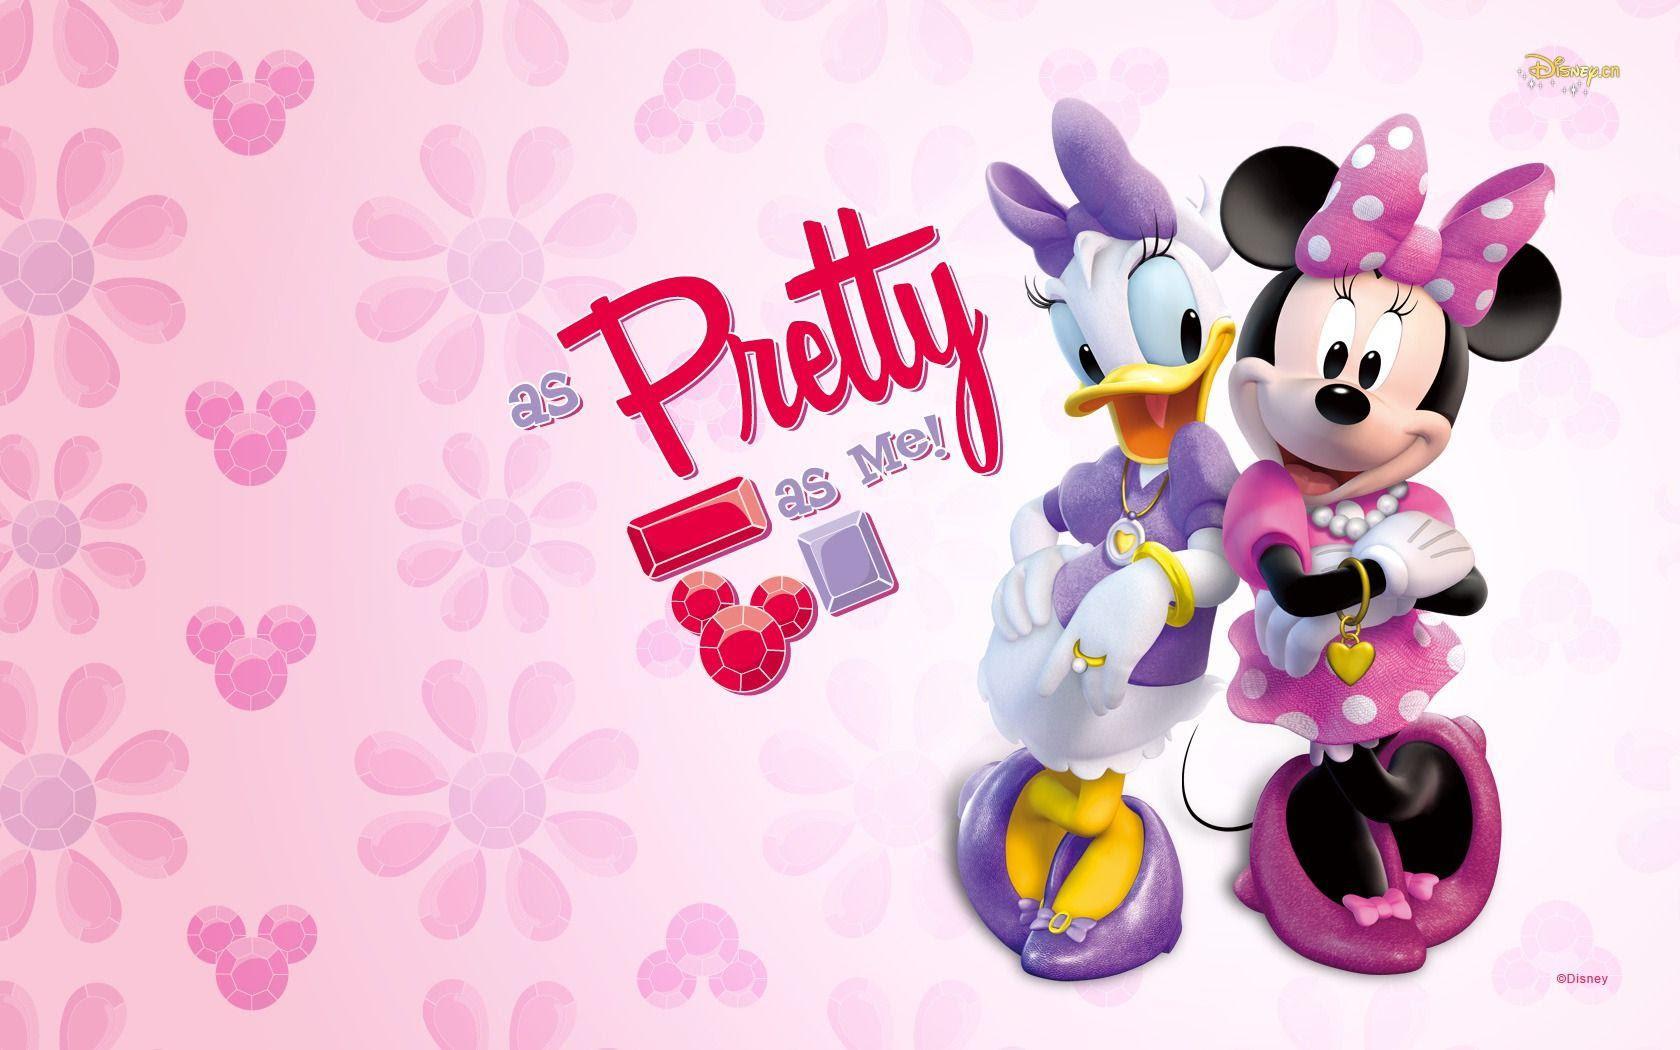 デイジーとミニーちゃん ディズニー ミニーマウスpcデスクトップ